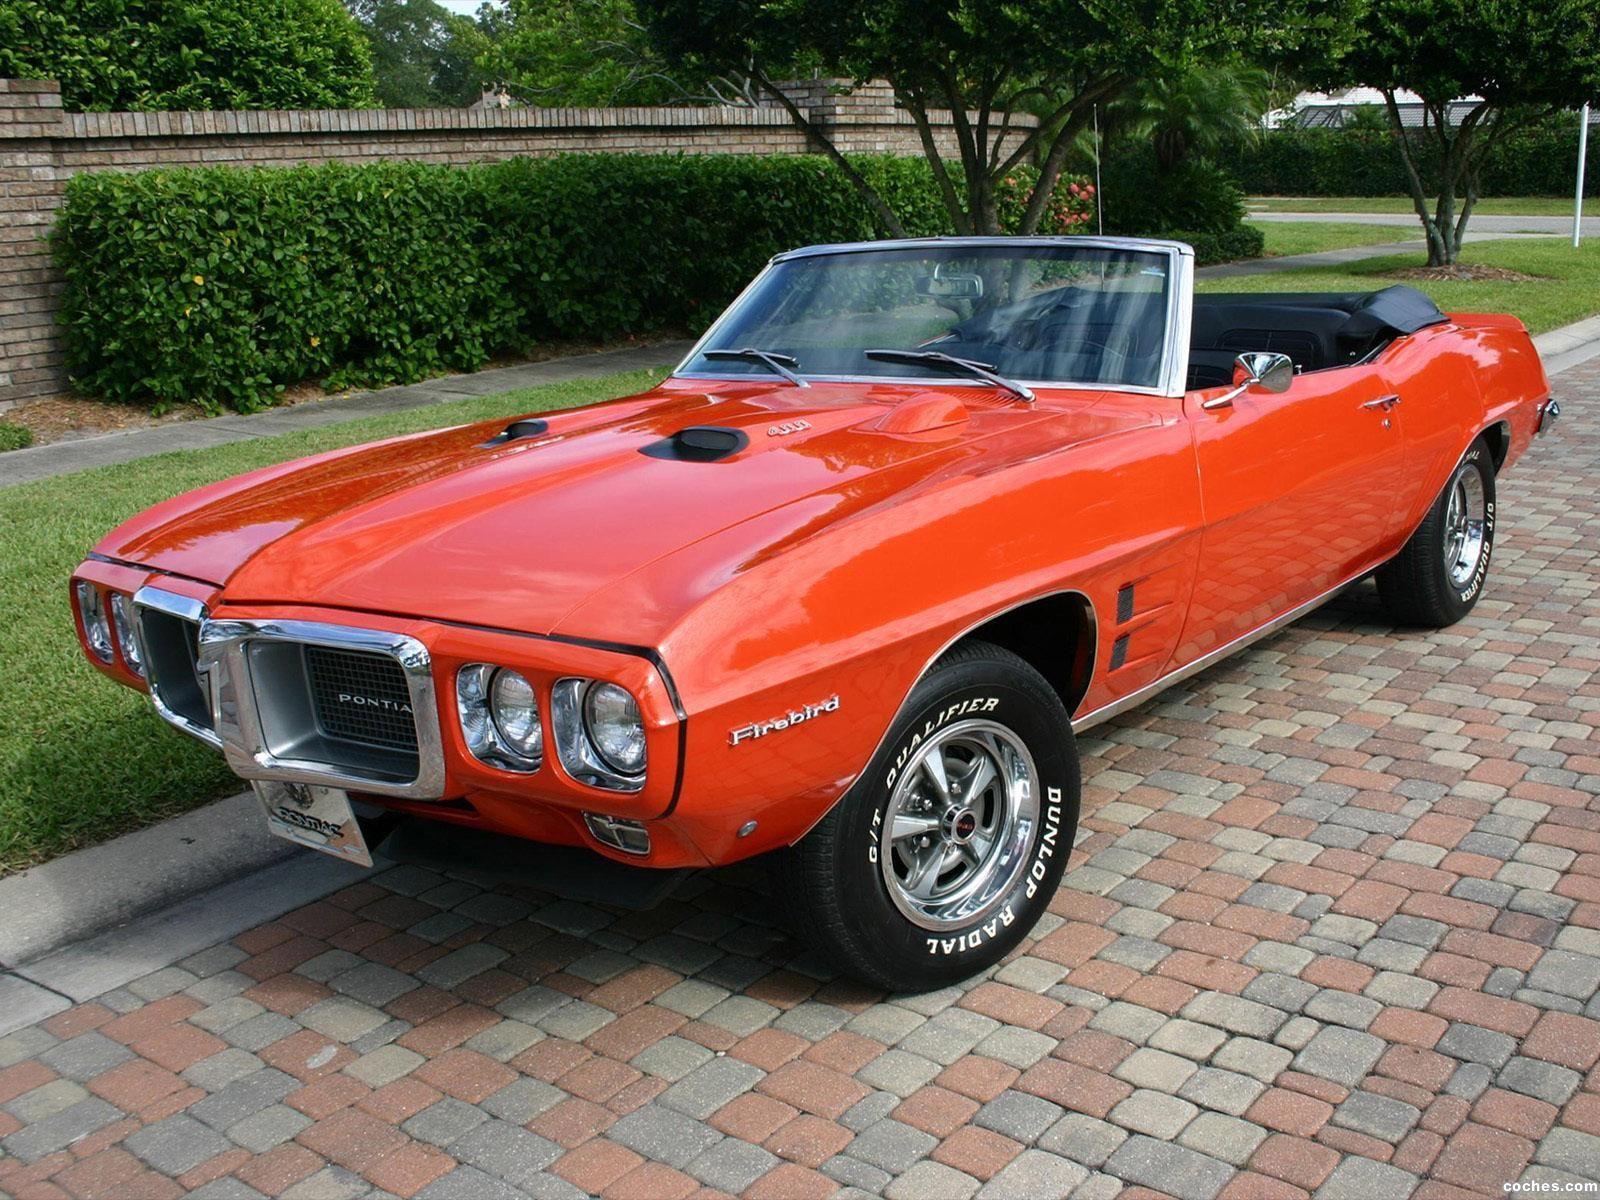 Convertible pontiac firebird 400 69 i could so enjoy this car